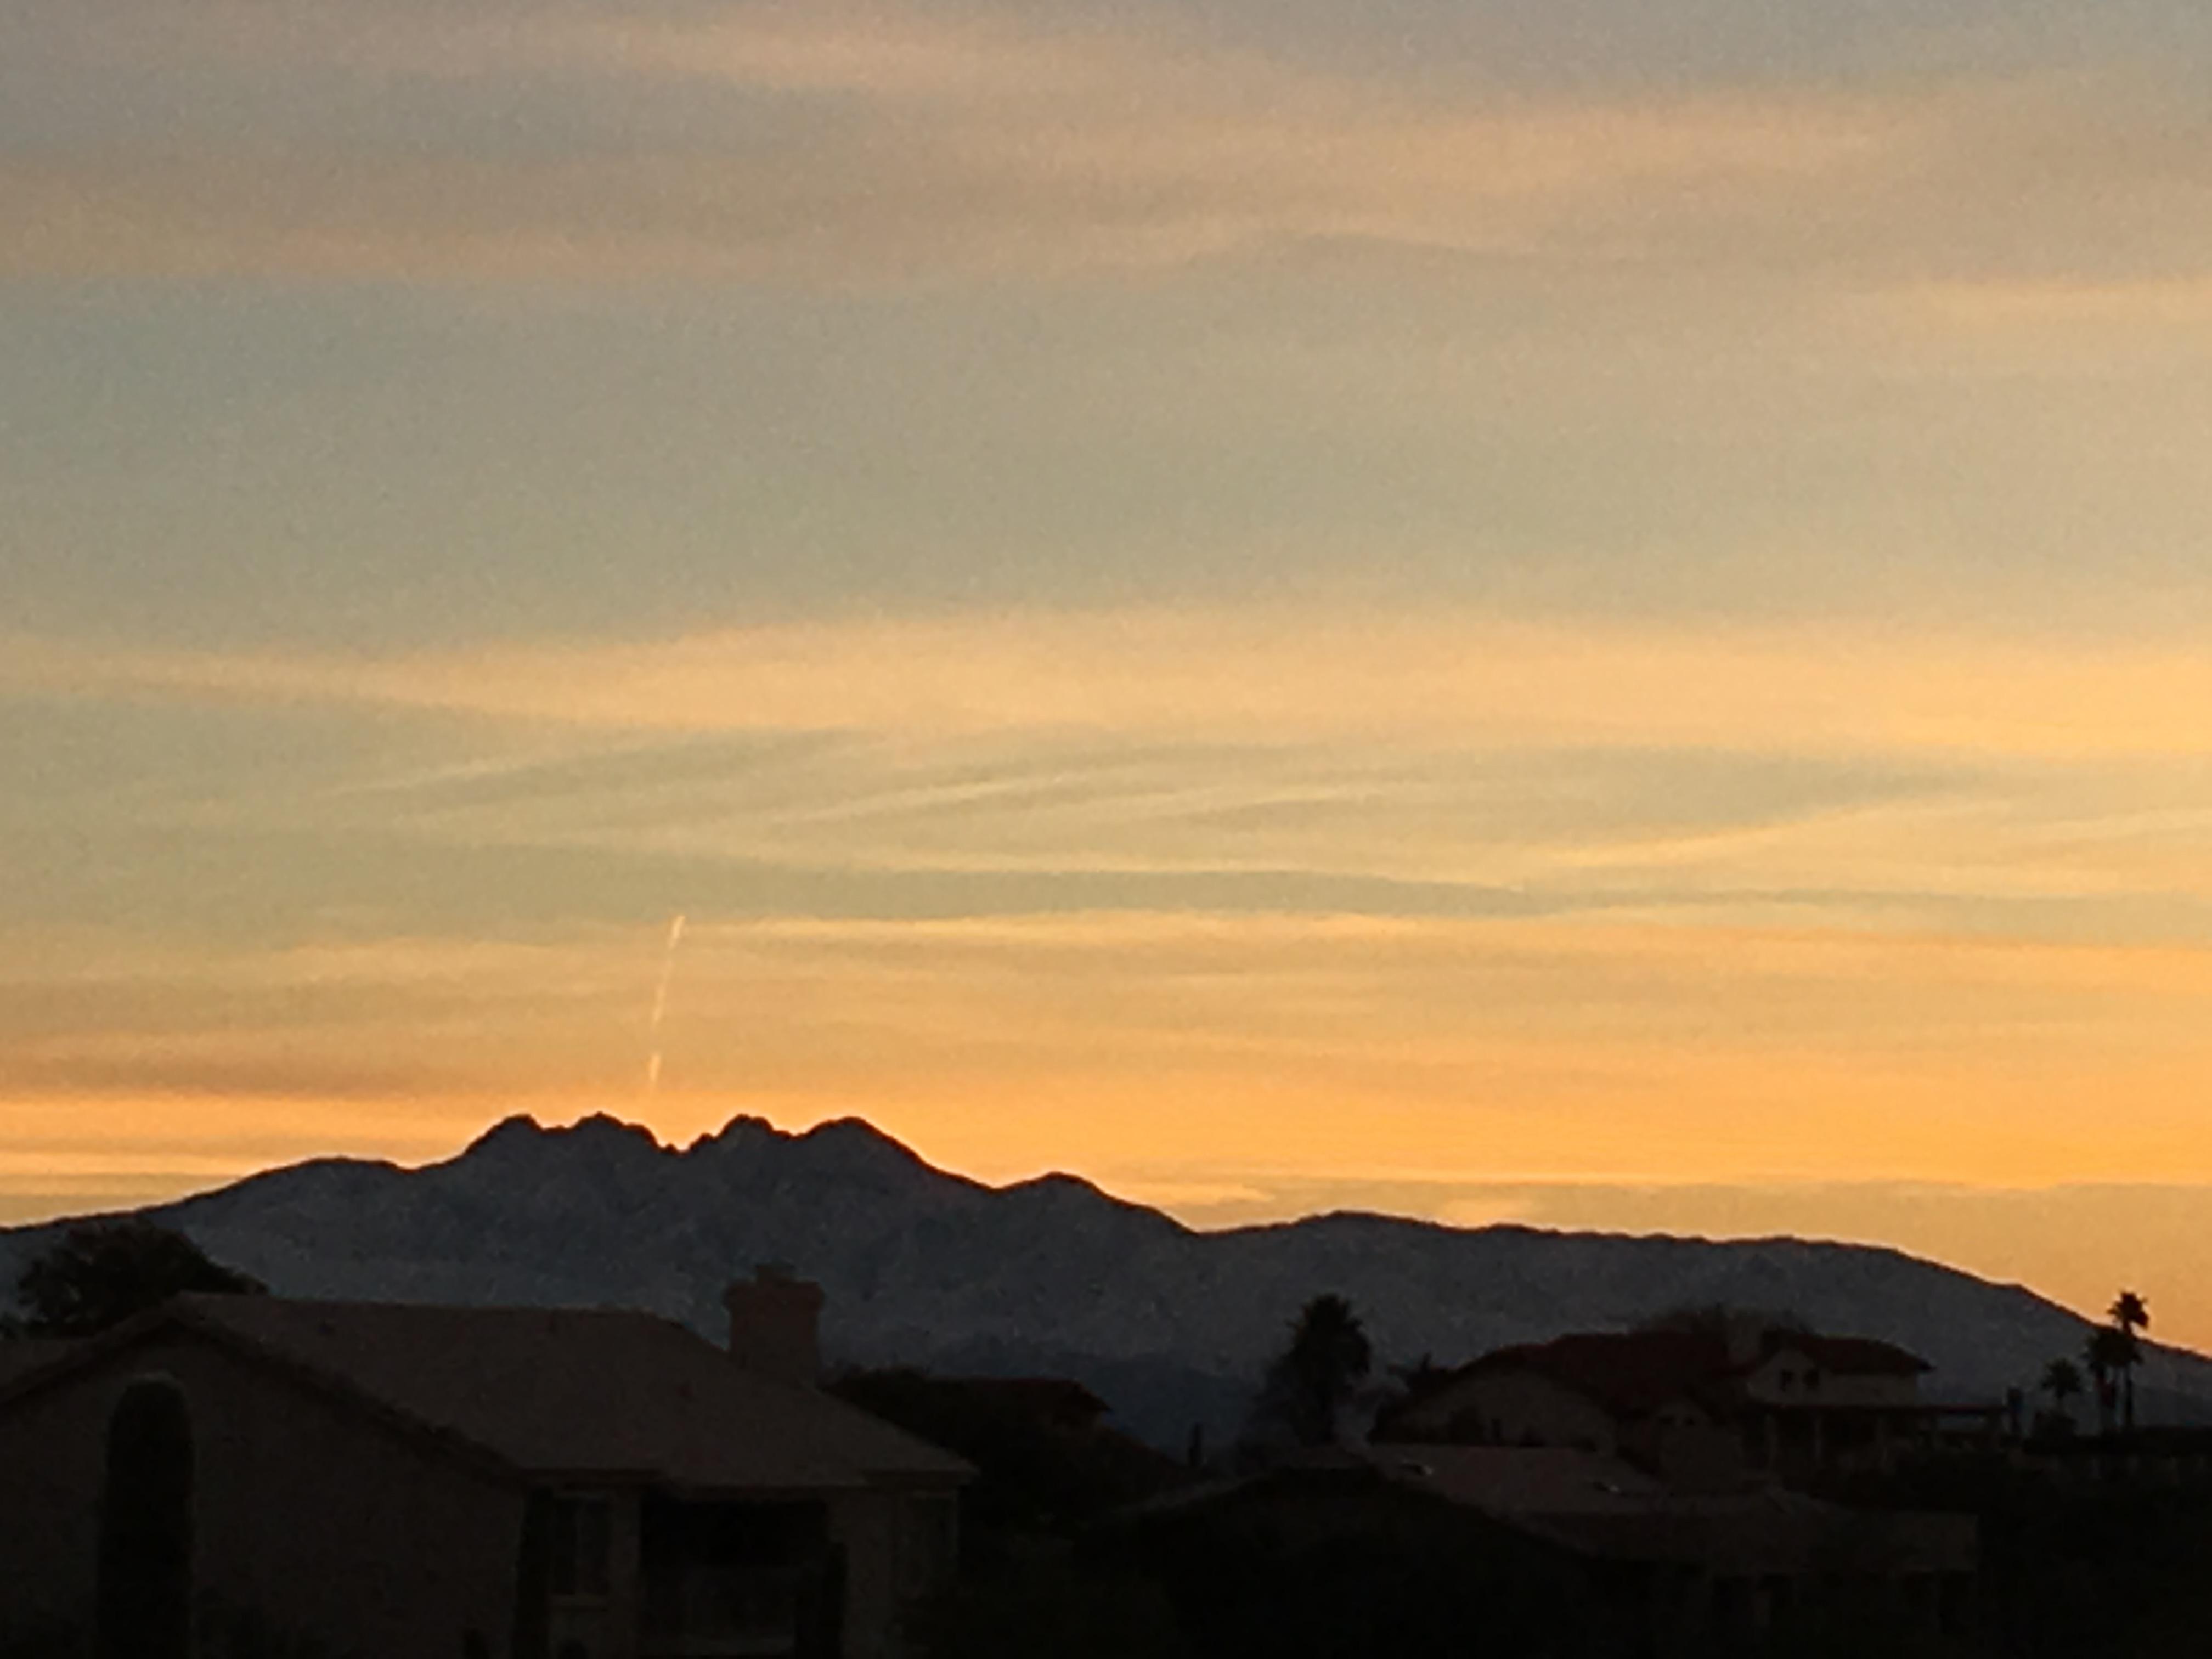 Fountain Hills, Arizona (United States)